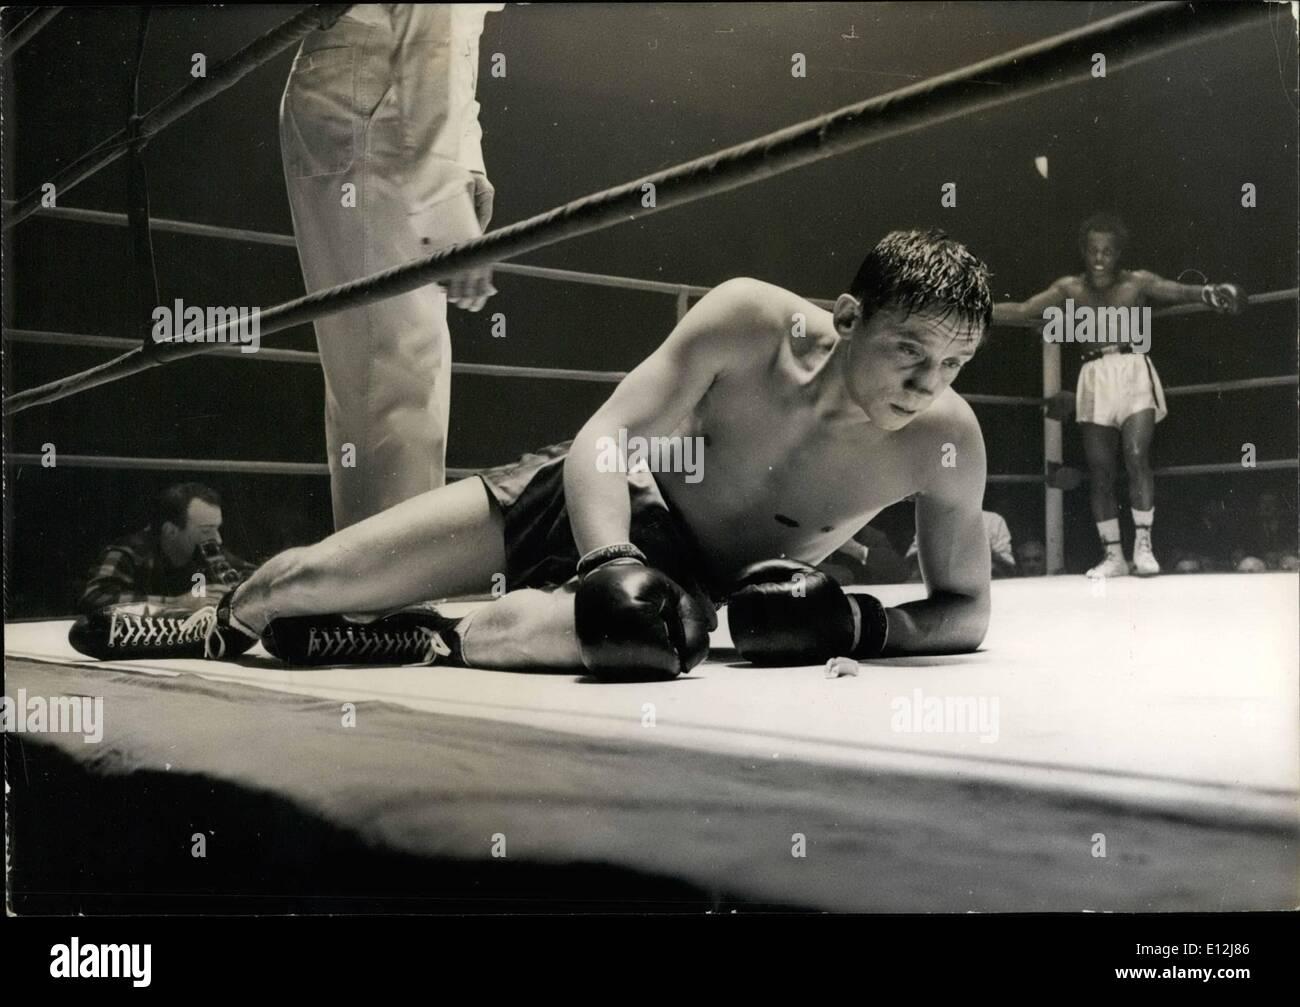 El 24 de febrero, 2012 - campeón de boxeo francés pierde sus dientes protector y su título; ayer por la noche, en el Palacio de los deportes de París, Imagen De Stock